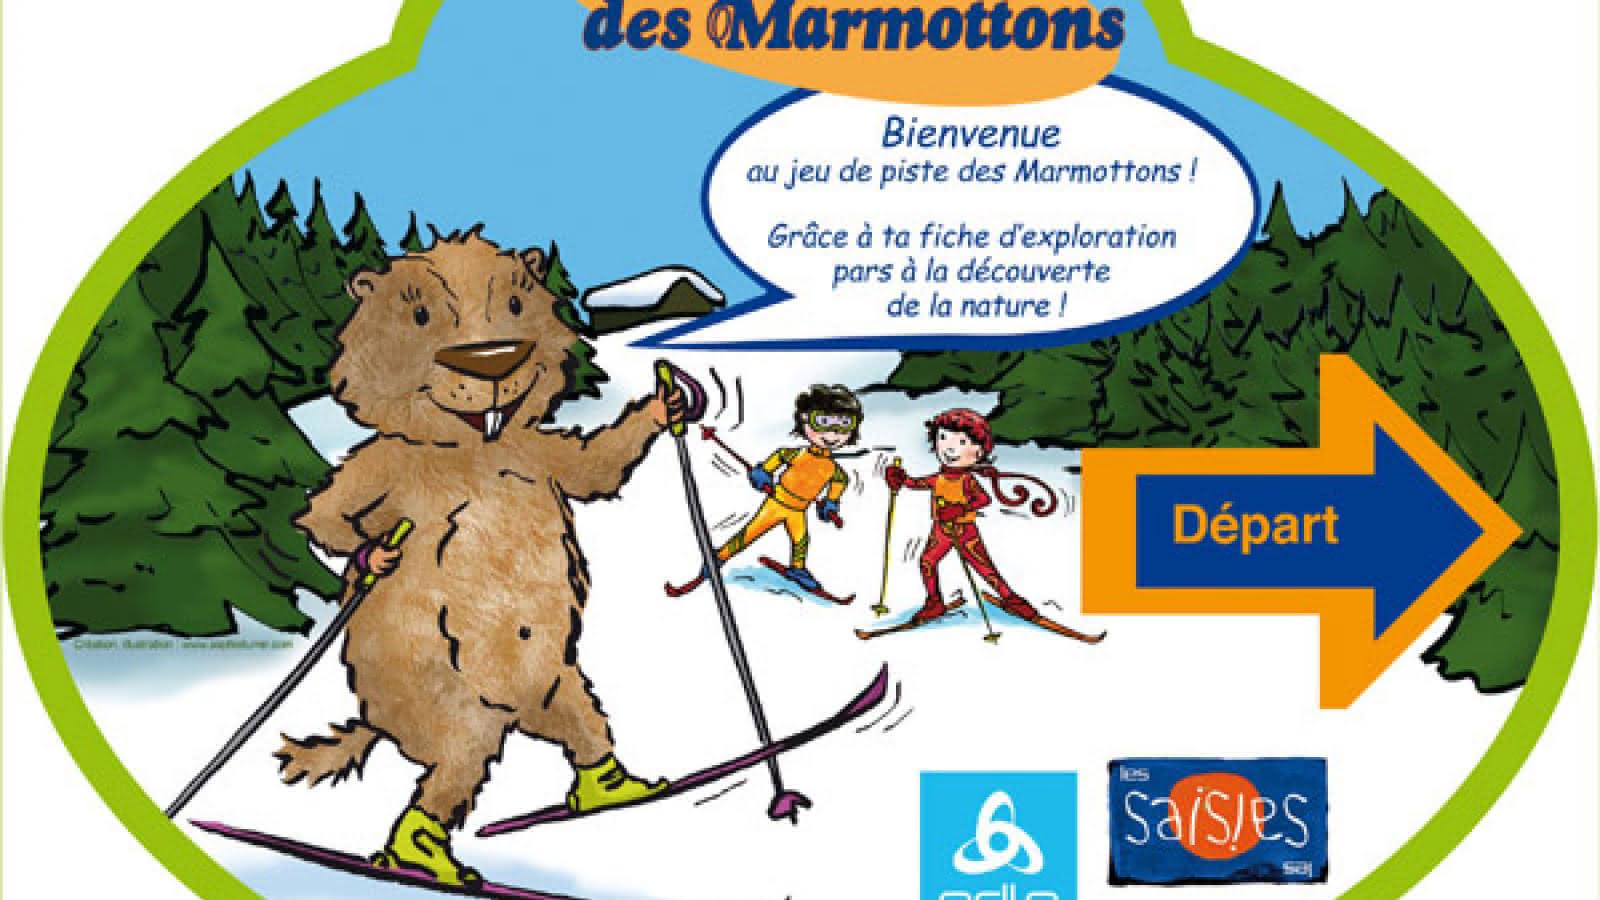 Balise d'information de la marmotte